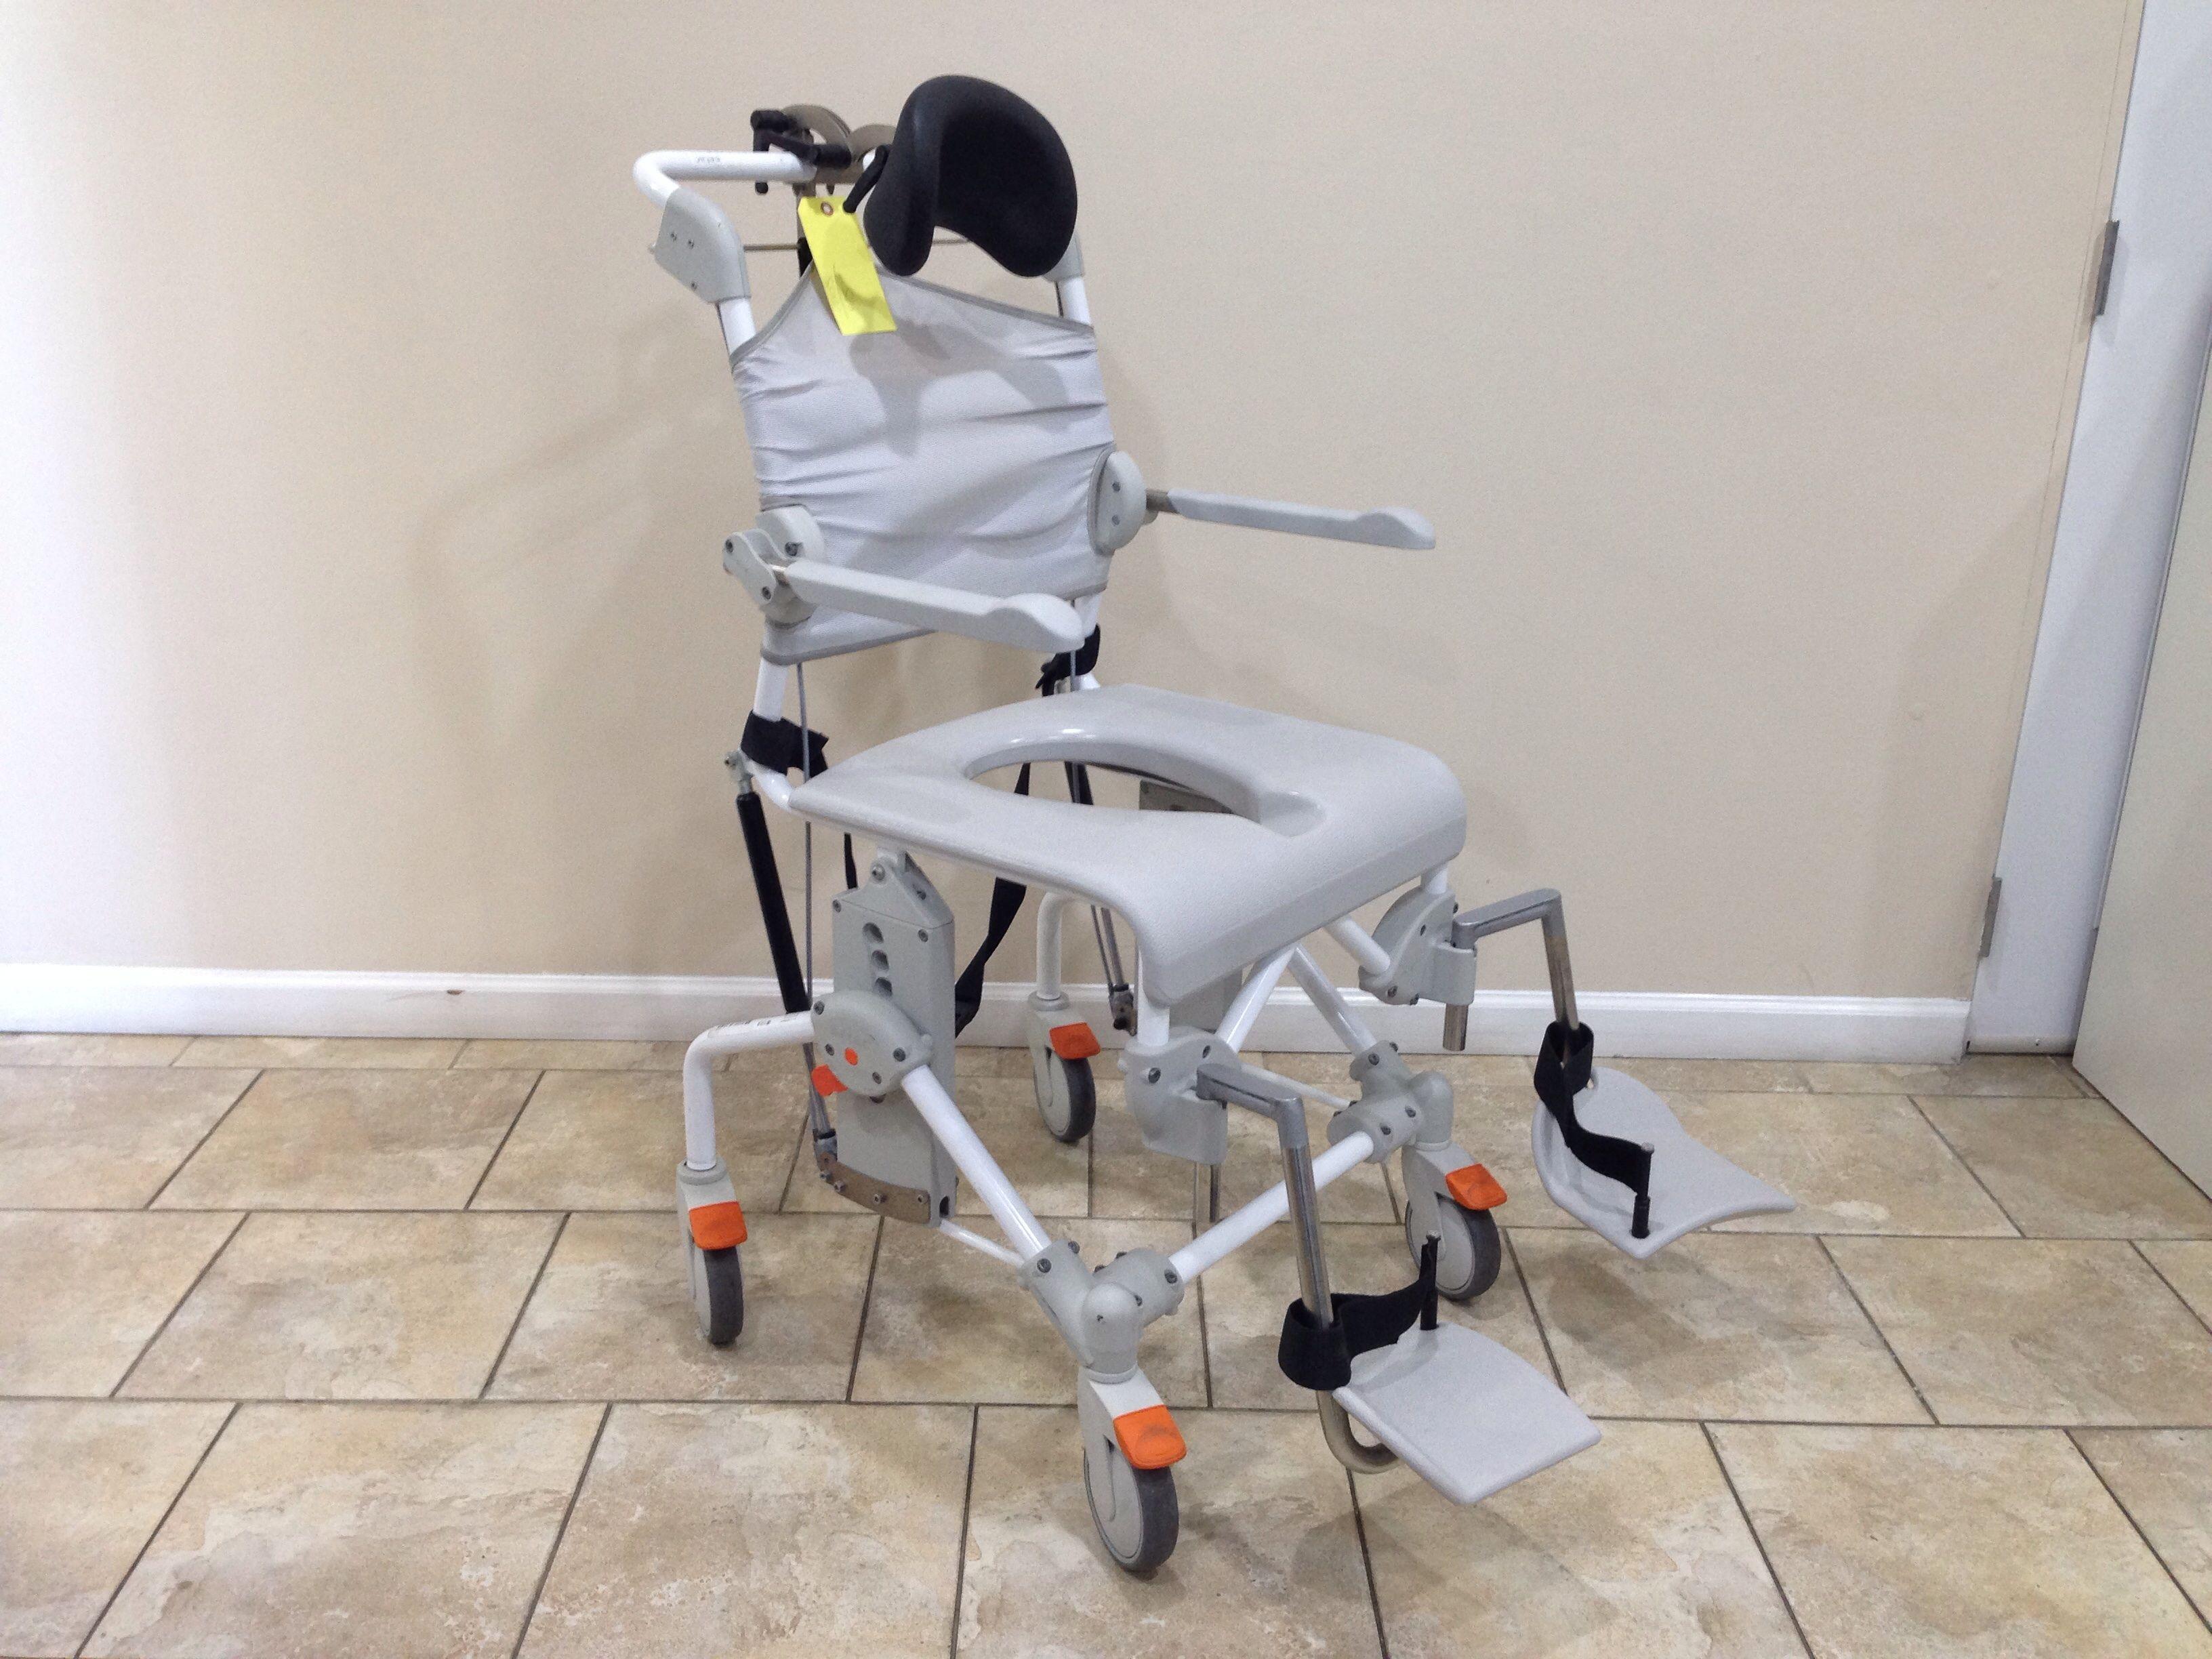 Etac Swift Shower Chair Mobile Tilt Shower Commode (Used